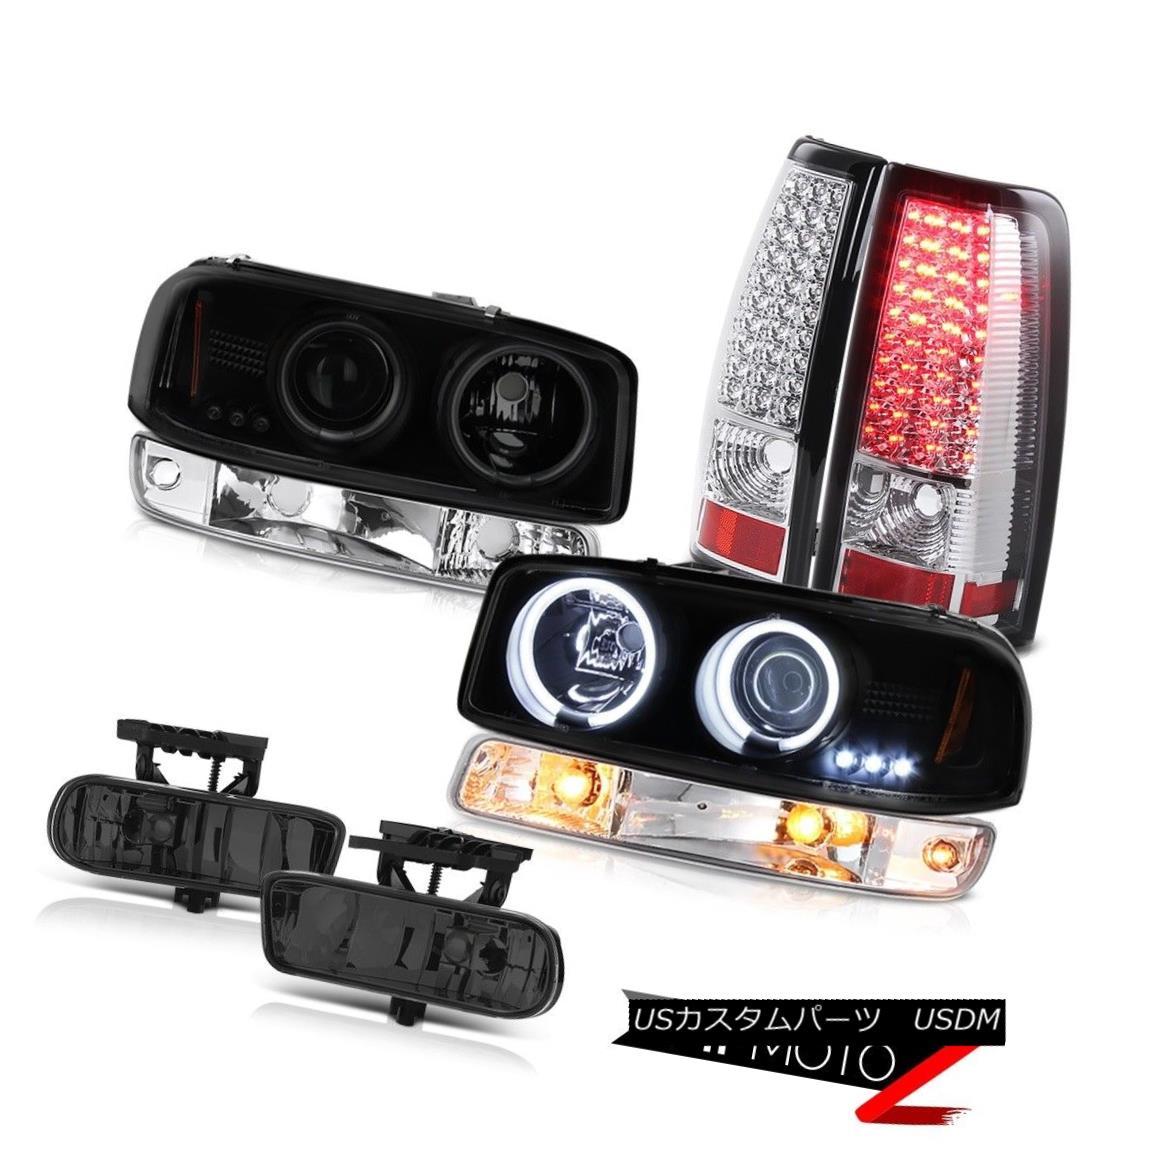 テールライト 99-02 Sierra C3 Smokey fog lights smd taillights bumper light ccfl headlamps 99-02シエラC3スモーキーフォグライトsmdテールライトバンパーライトccflヘッドライト